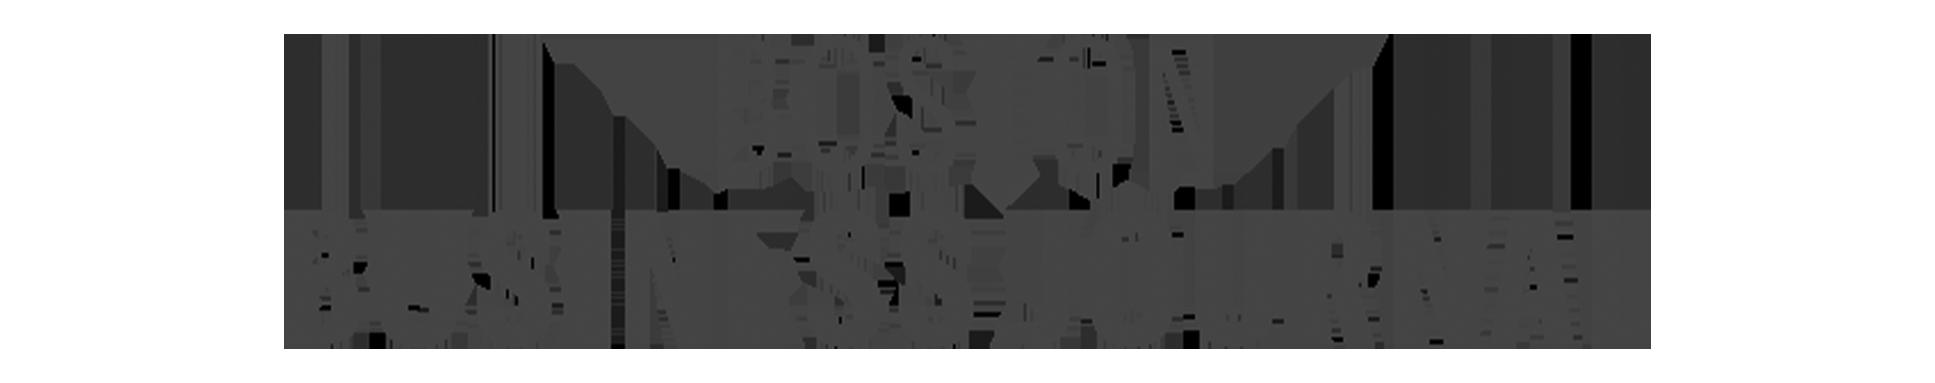 bostonbusinessjournal-grey